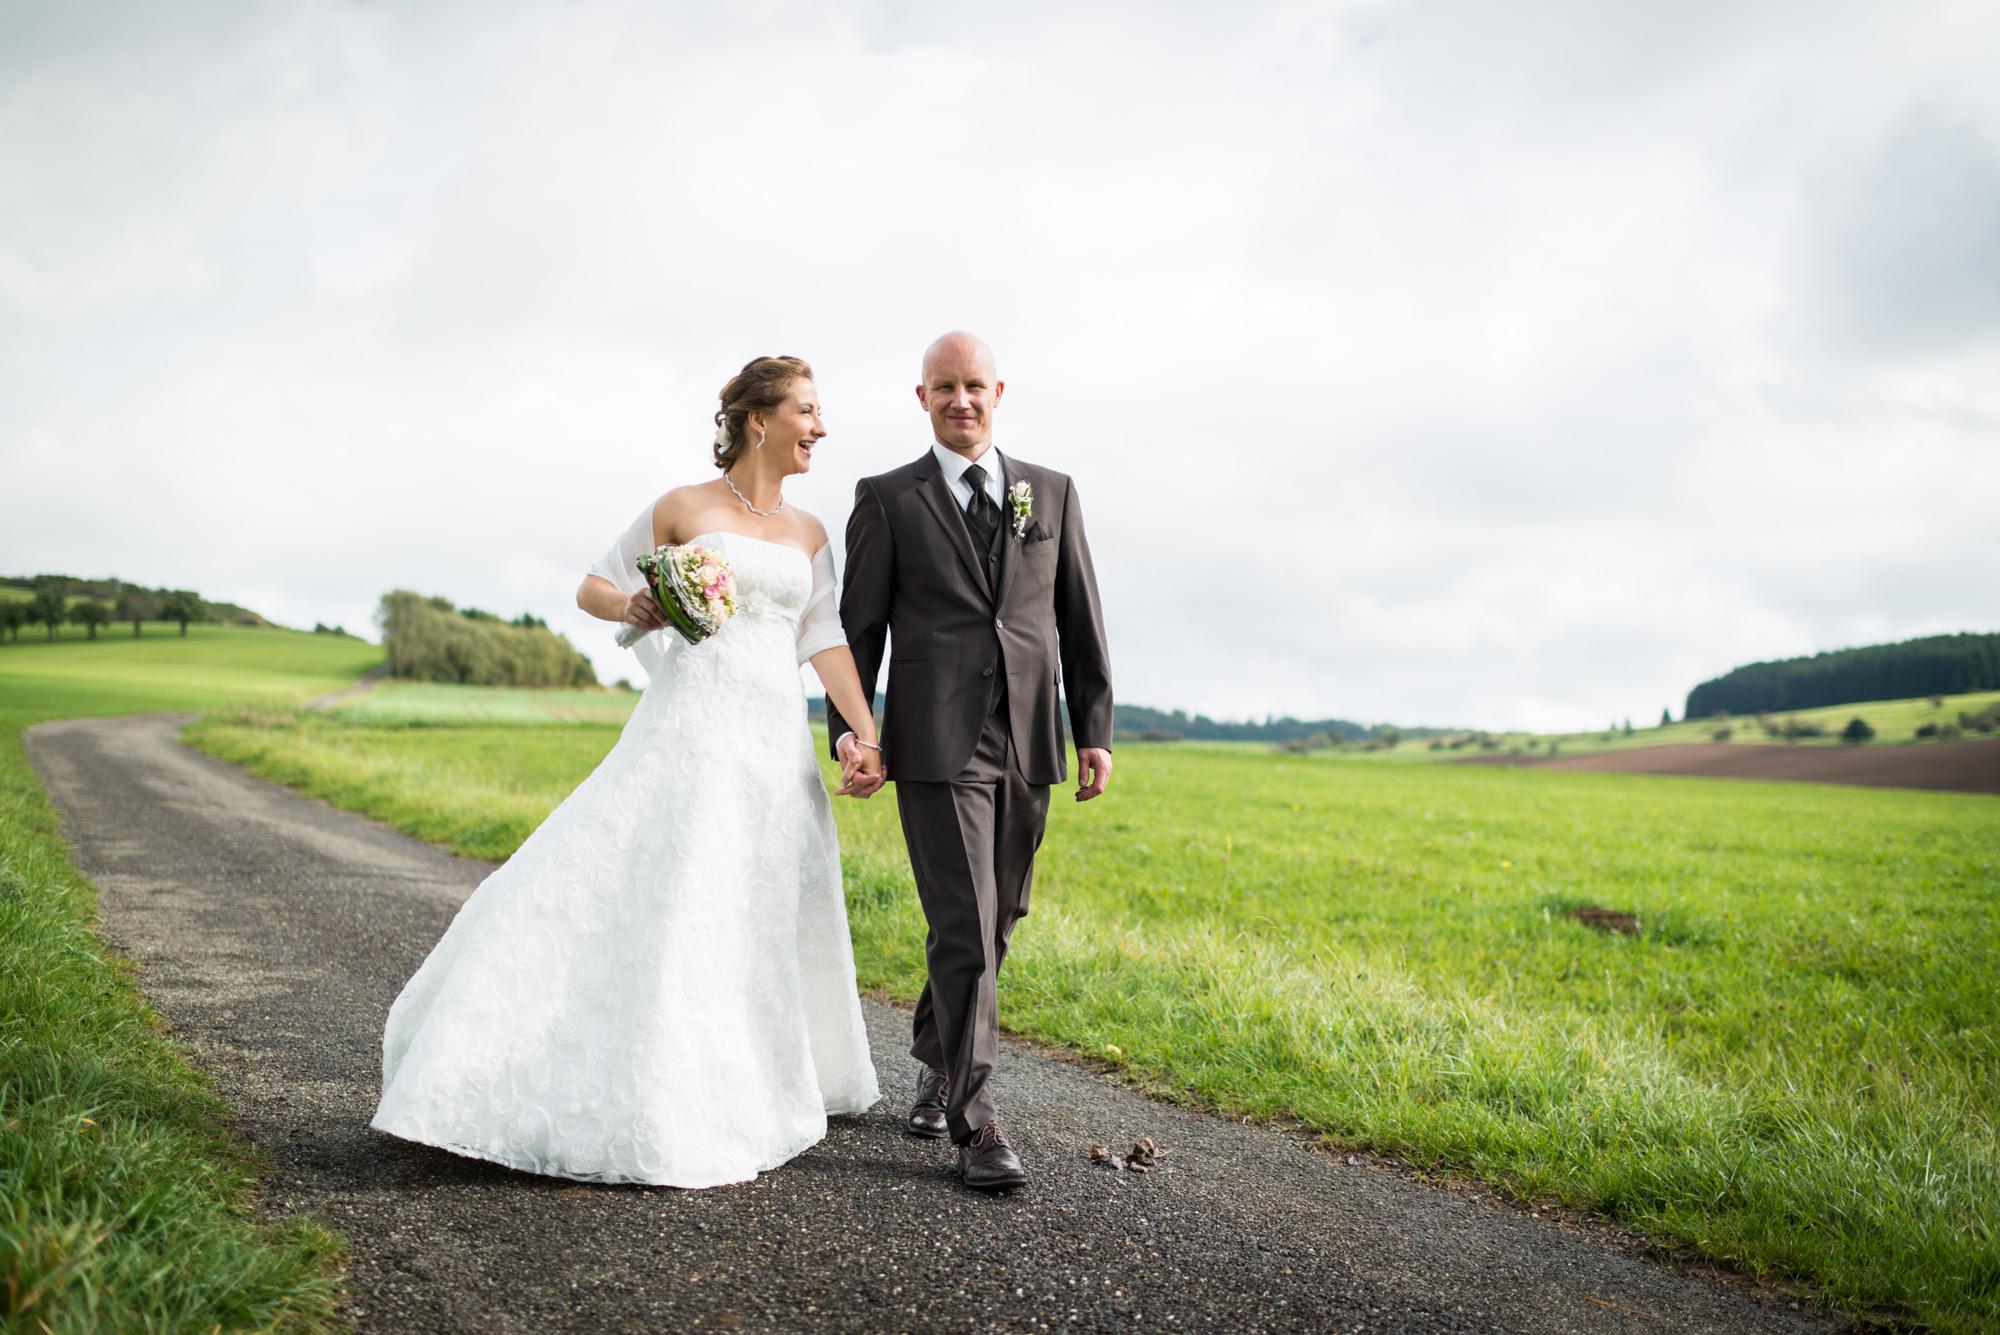 Fotograf Konstanz - Hochzeit Katja und Christian 57 - Als Hochzeitsfotograf in Bad Dürrheim unterwegs  - 23 -